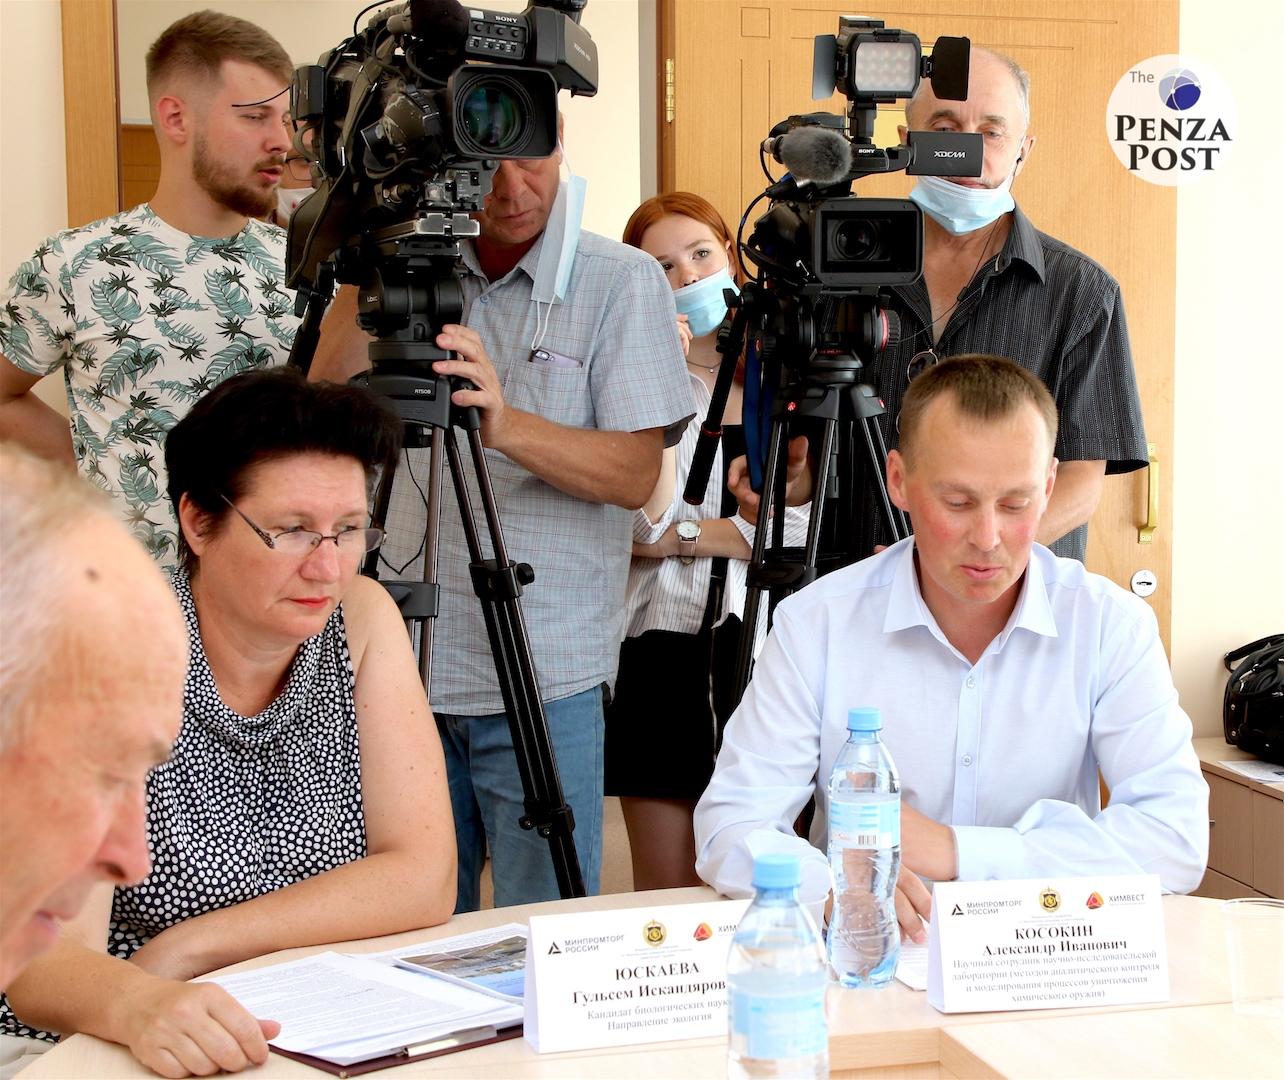 Леонидовка под Пензой по-прежнему не отпускает - важный объект химического разоружения вновь в фокусе внимания